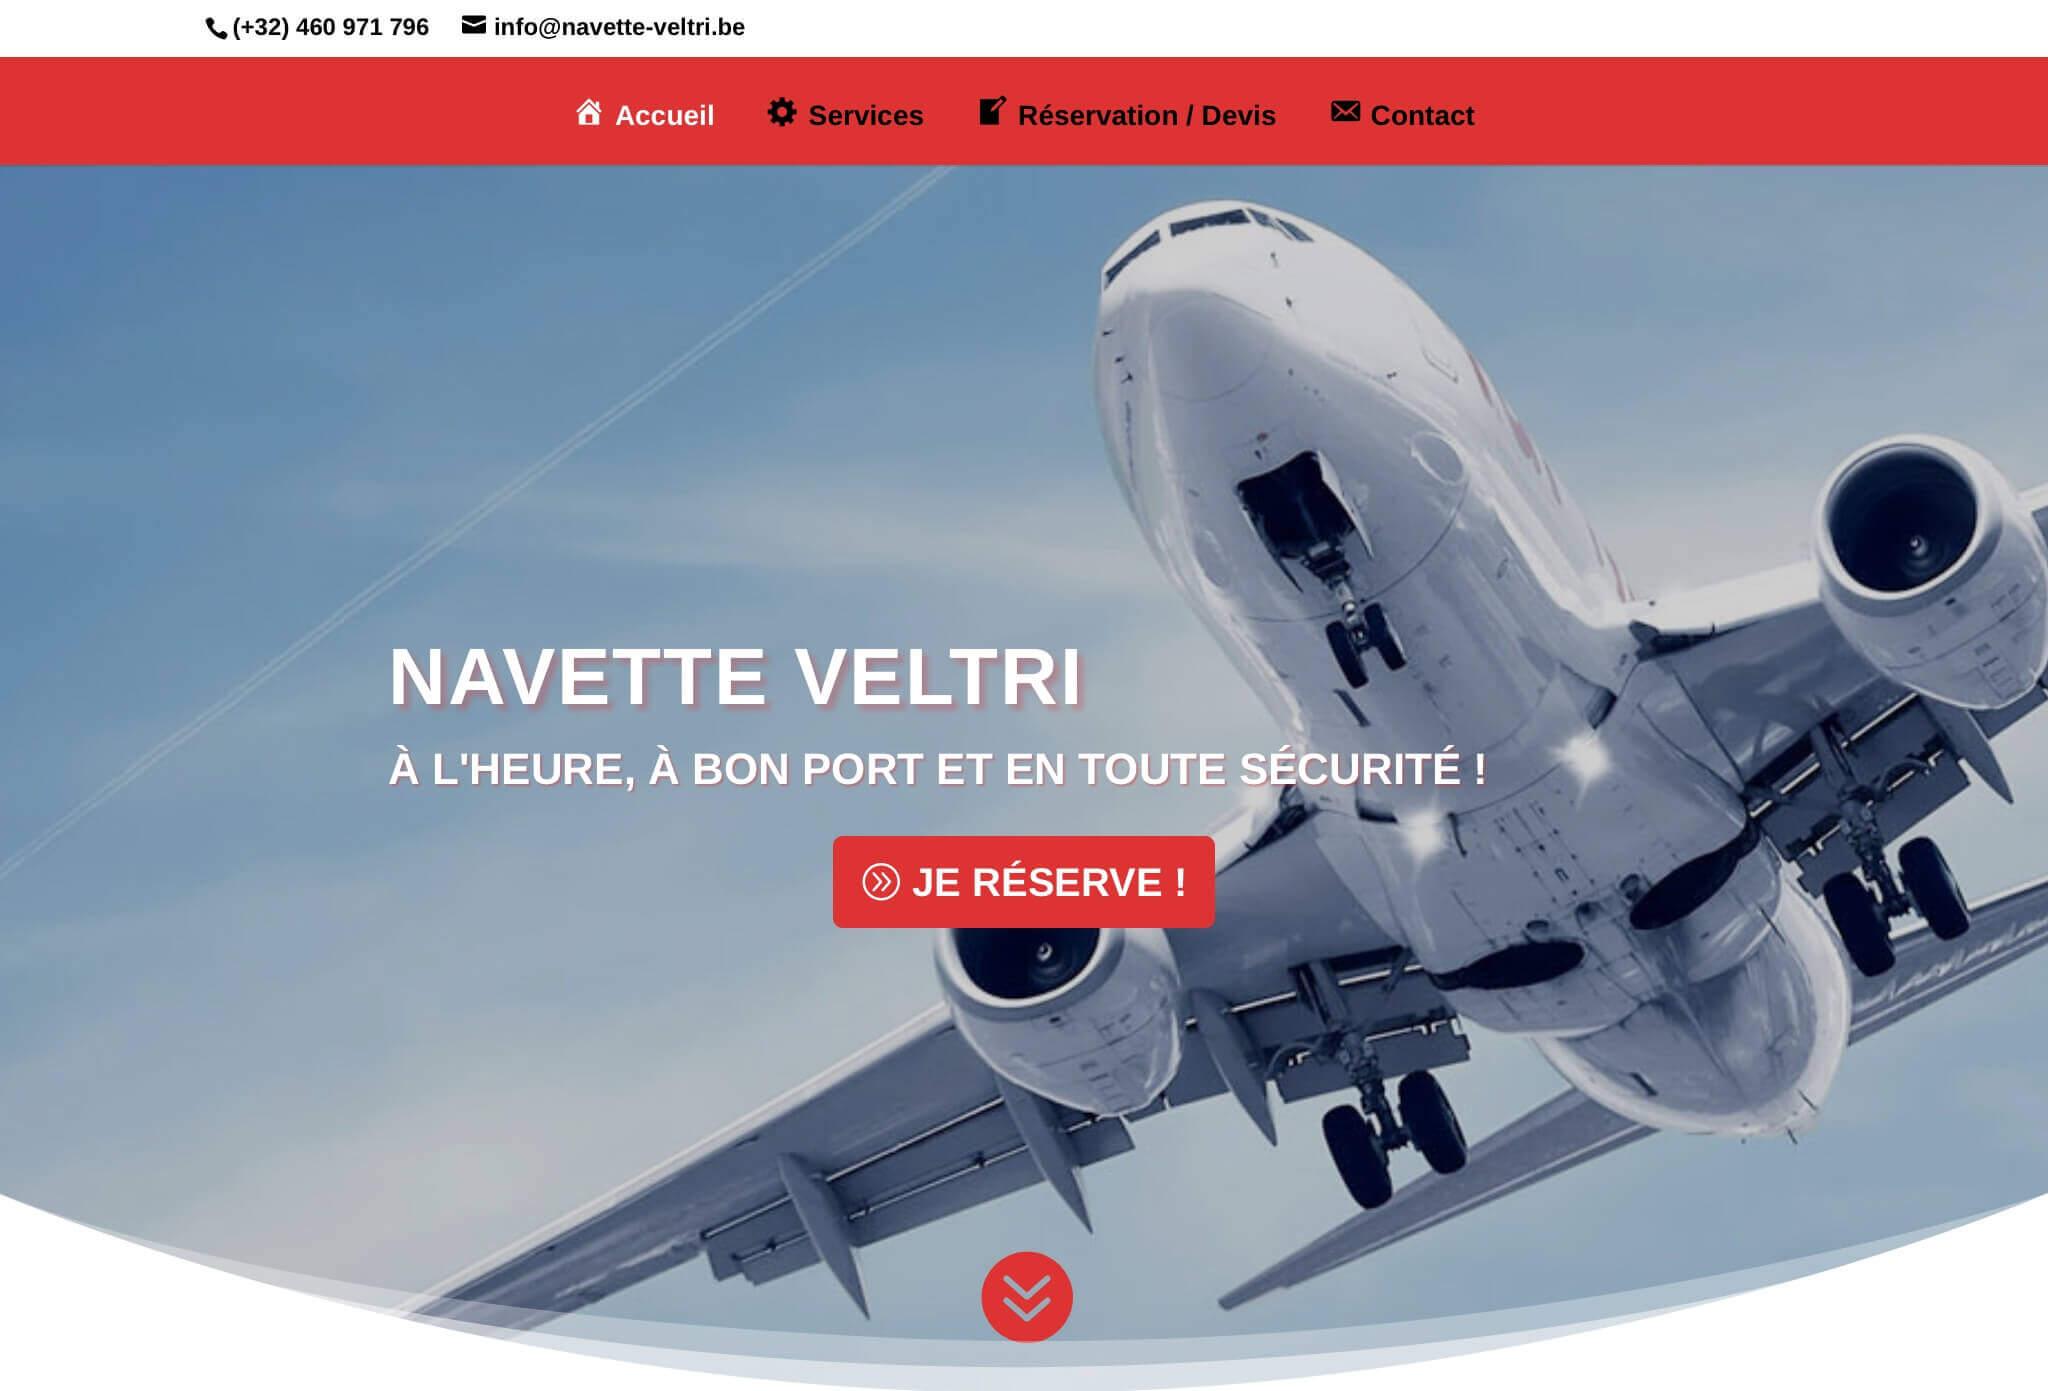 Aperçu site Navette Veltri